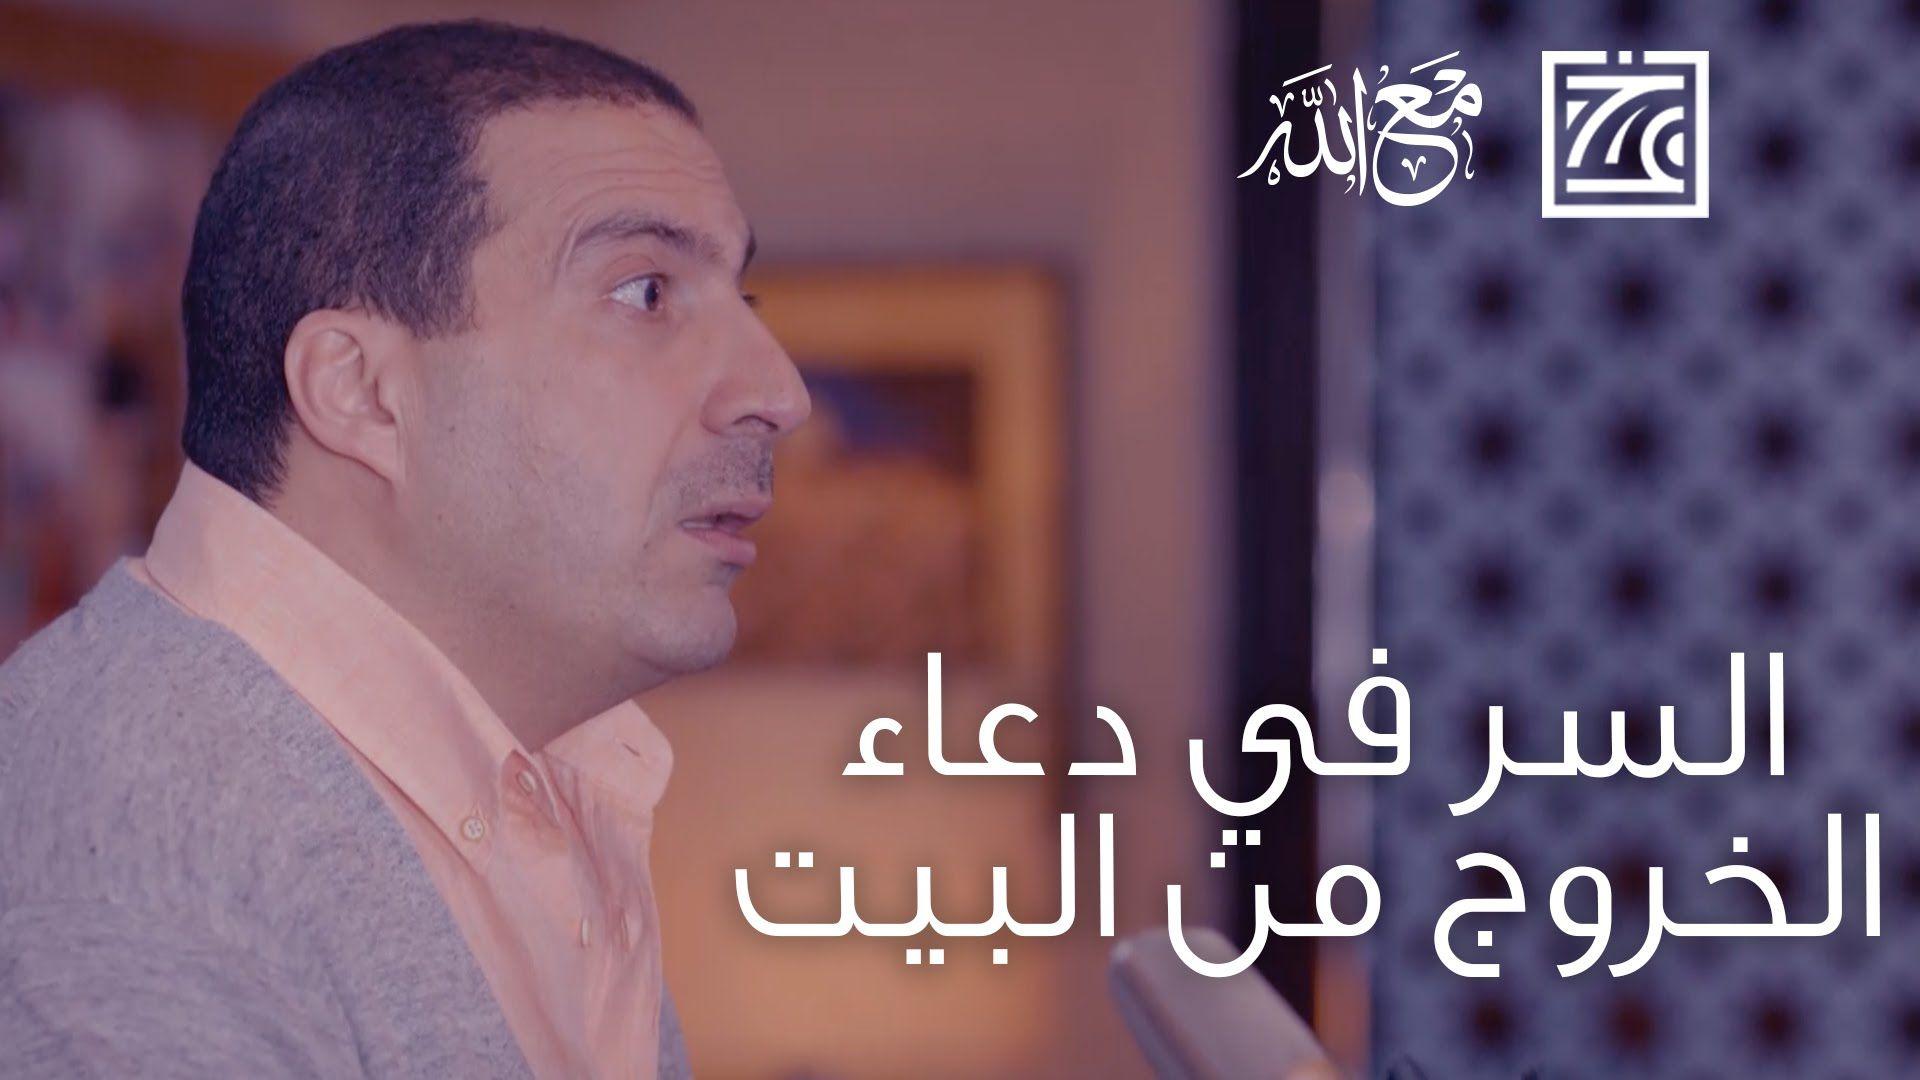 سر دعاء الخروج من البيت Islam Amr